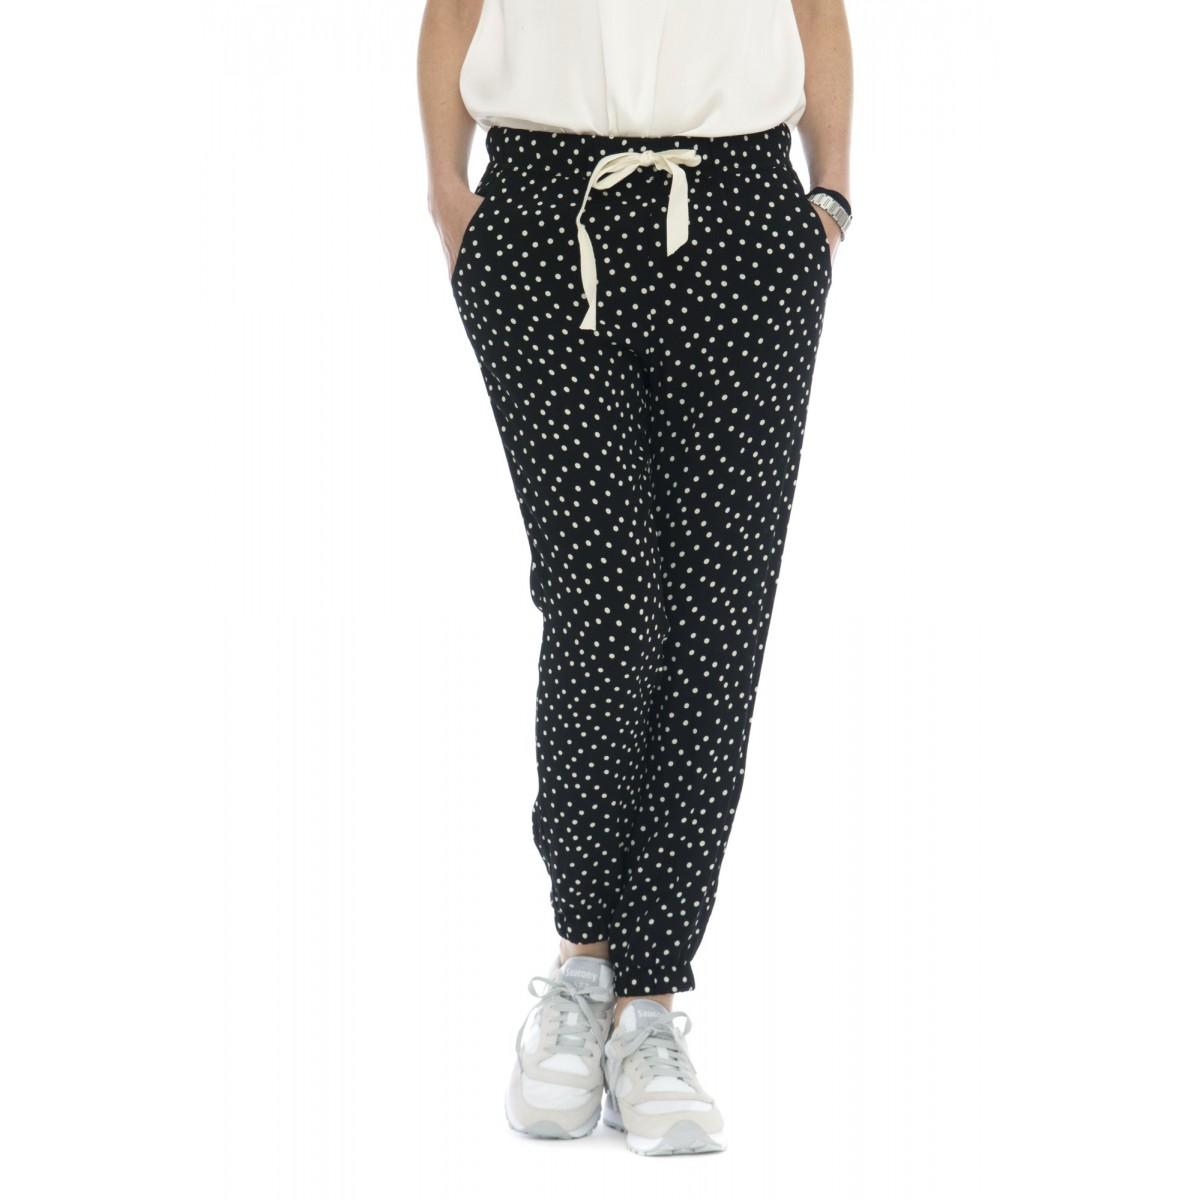 Pantalone donna - 145104 pantalone baggy jogging